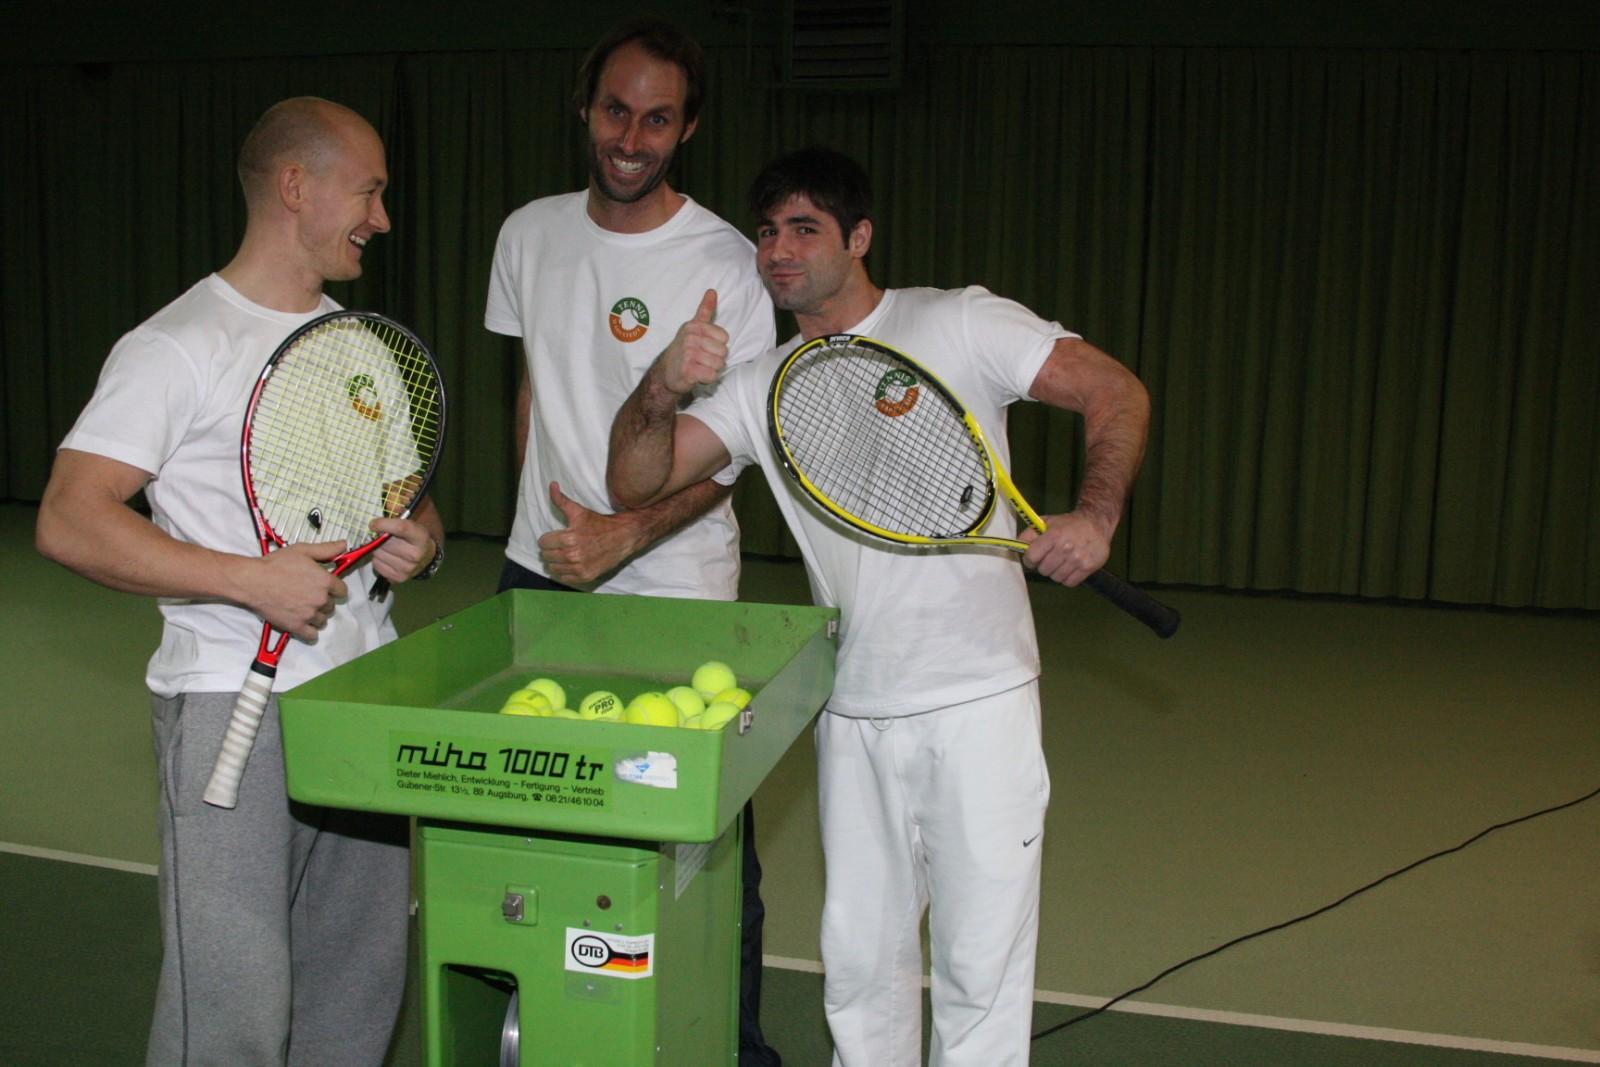 Trainergespann Johan, Torben, Alex mit der neuen Ballmaschine